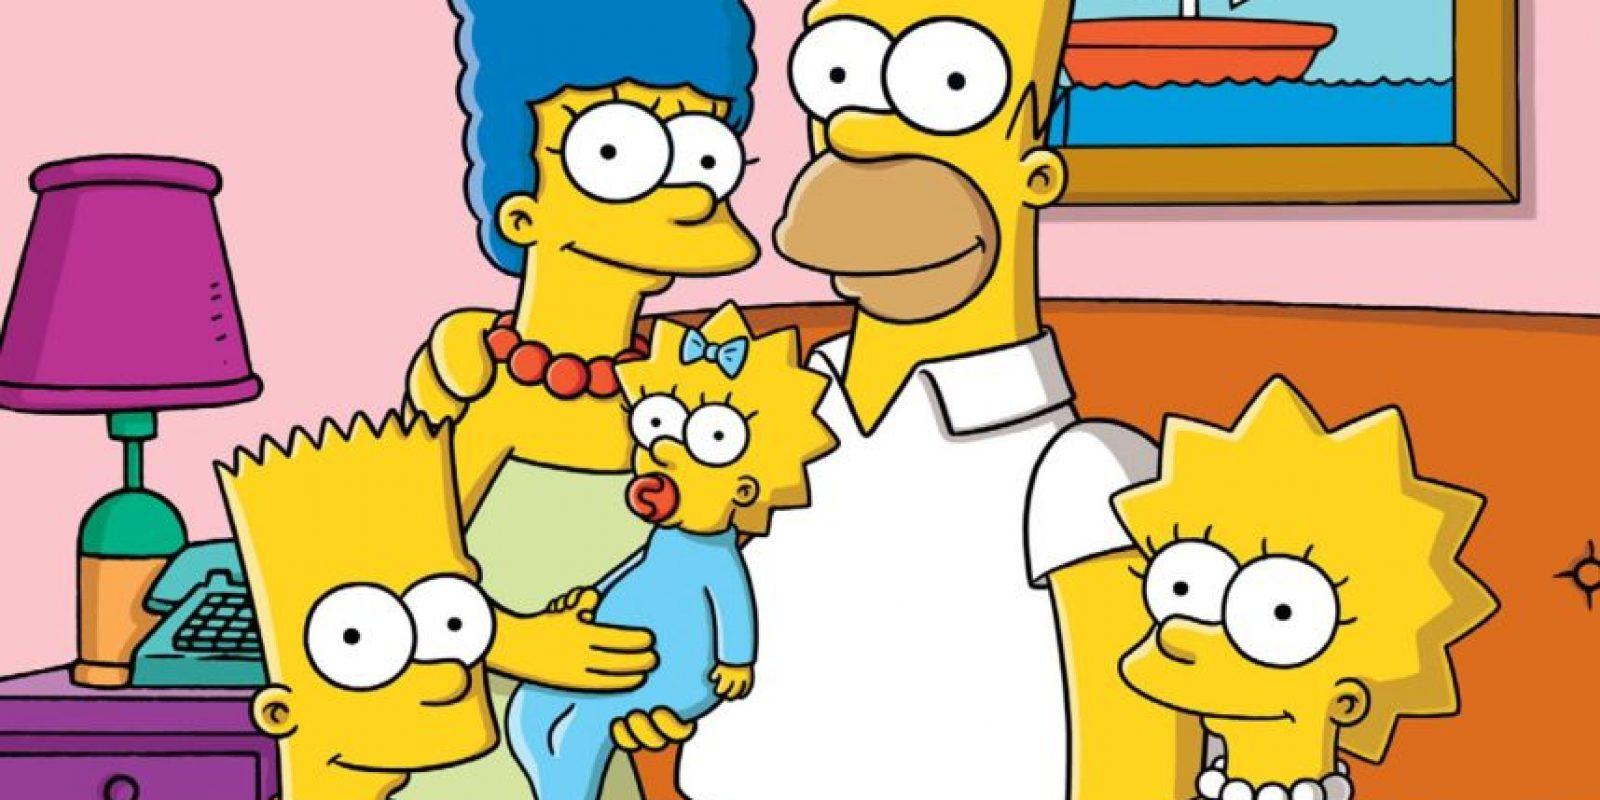 """En el capítulo """"Lost Our Lisa"""" la pequeña Lisa sale de su hogar para viajar en autobús. Posteriormente se pierde y Homero se lanza a buscarla. Durante esta """"odisea"""" él roba una grúa y luego entra a un museo sin permiso alguno. Foto:Tumblr.com/Simpsons"""